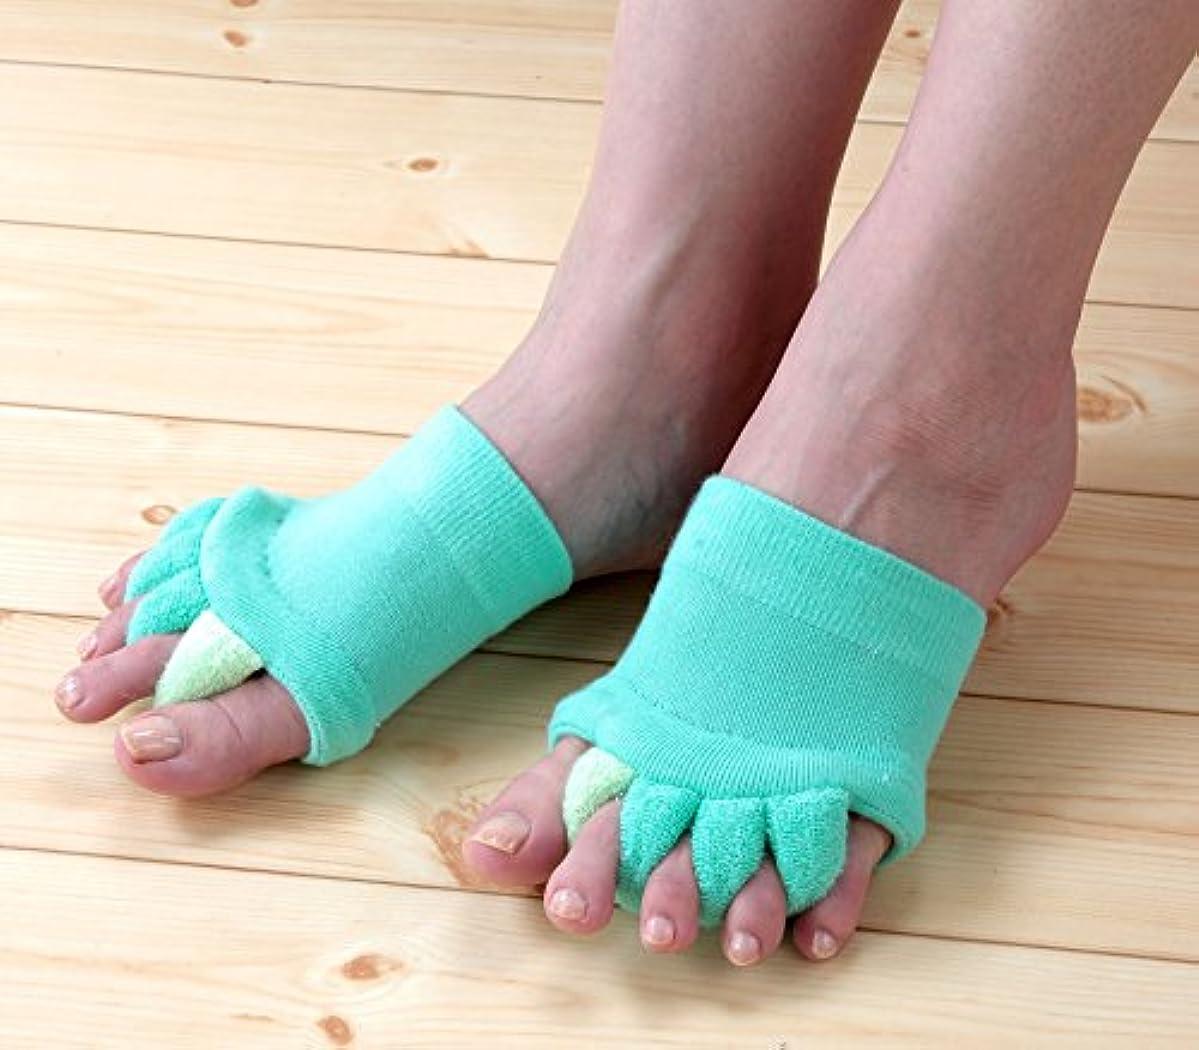 憂鬱な美徳朝の体操をするNEWふわふわ足指セパレータ 3色組